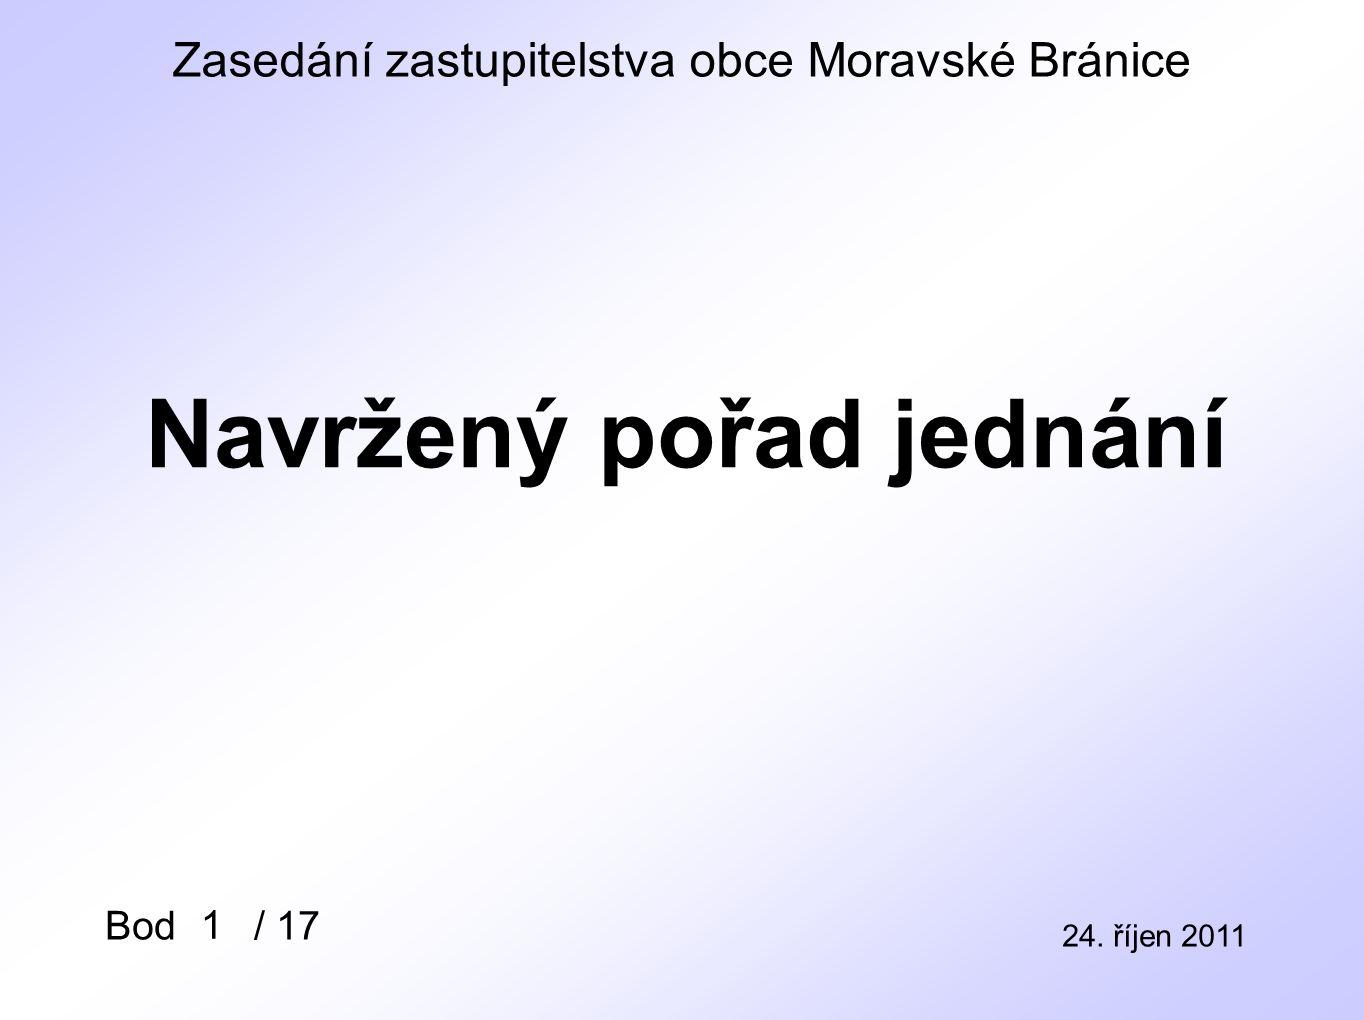 Zasedání zastupitelstva obce Moravské Bránice 24. říjen 2011 Bod / 17 Navržený pořad jednání 1